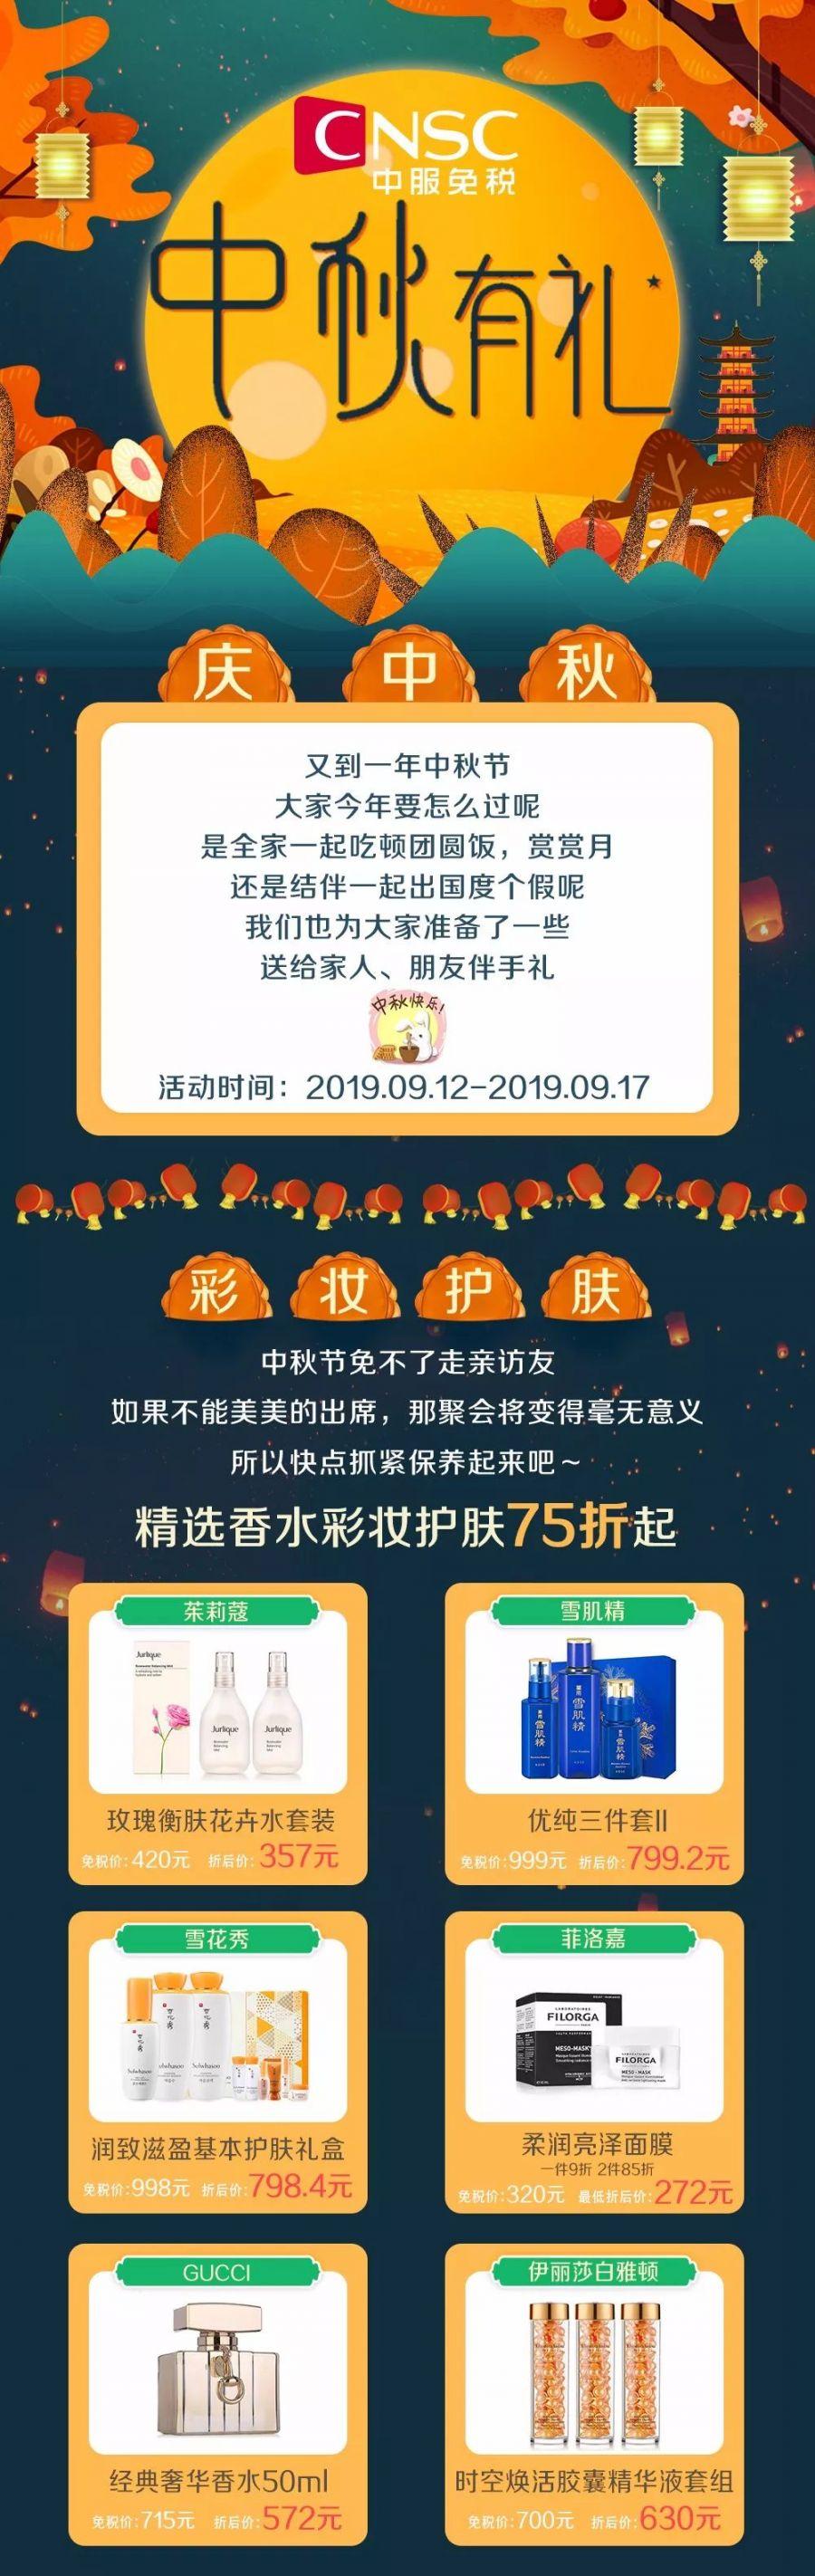 中服上海免税店中秋超级折扣 精选香水彩妆护肤75折